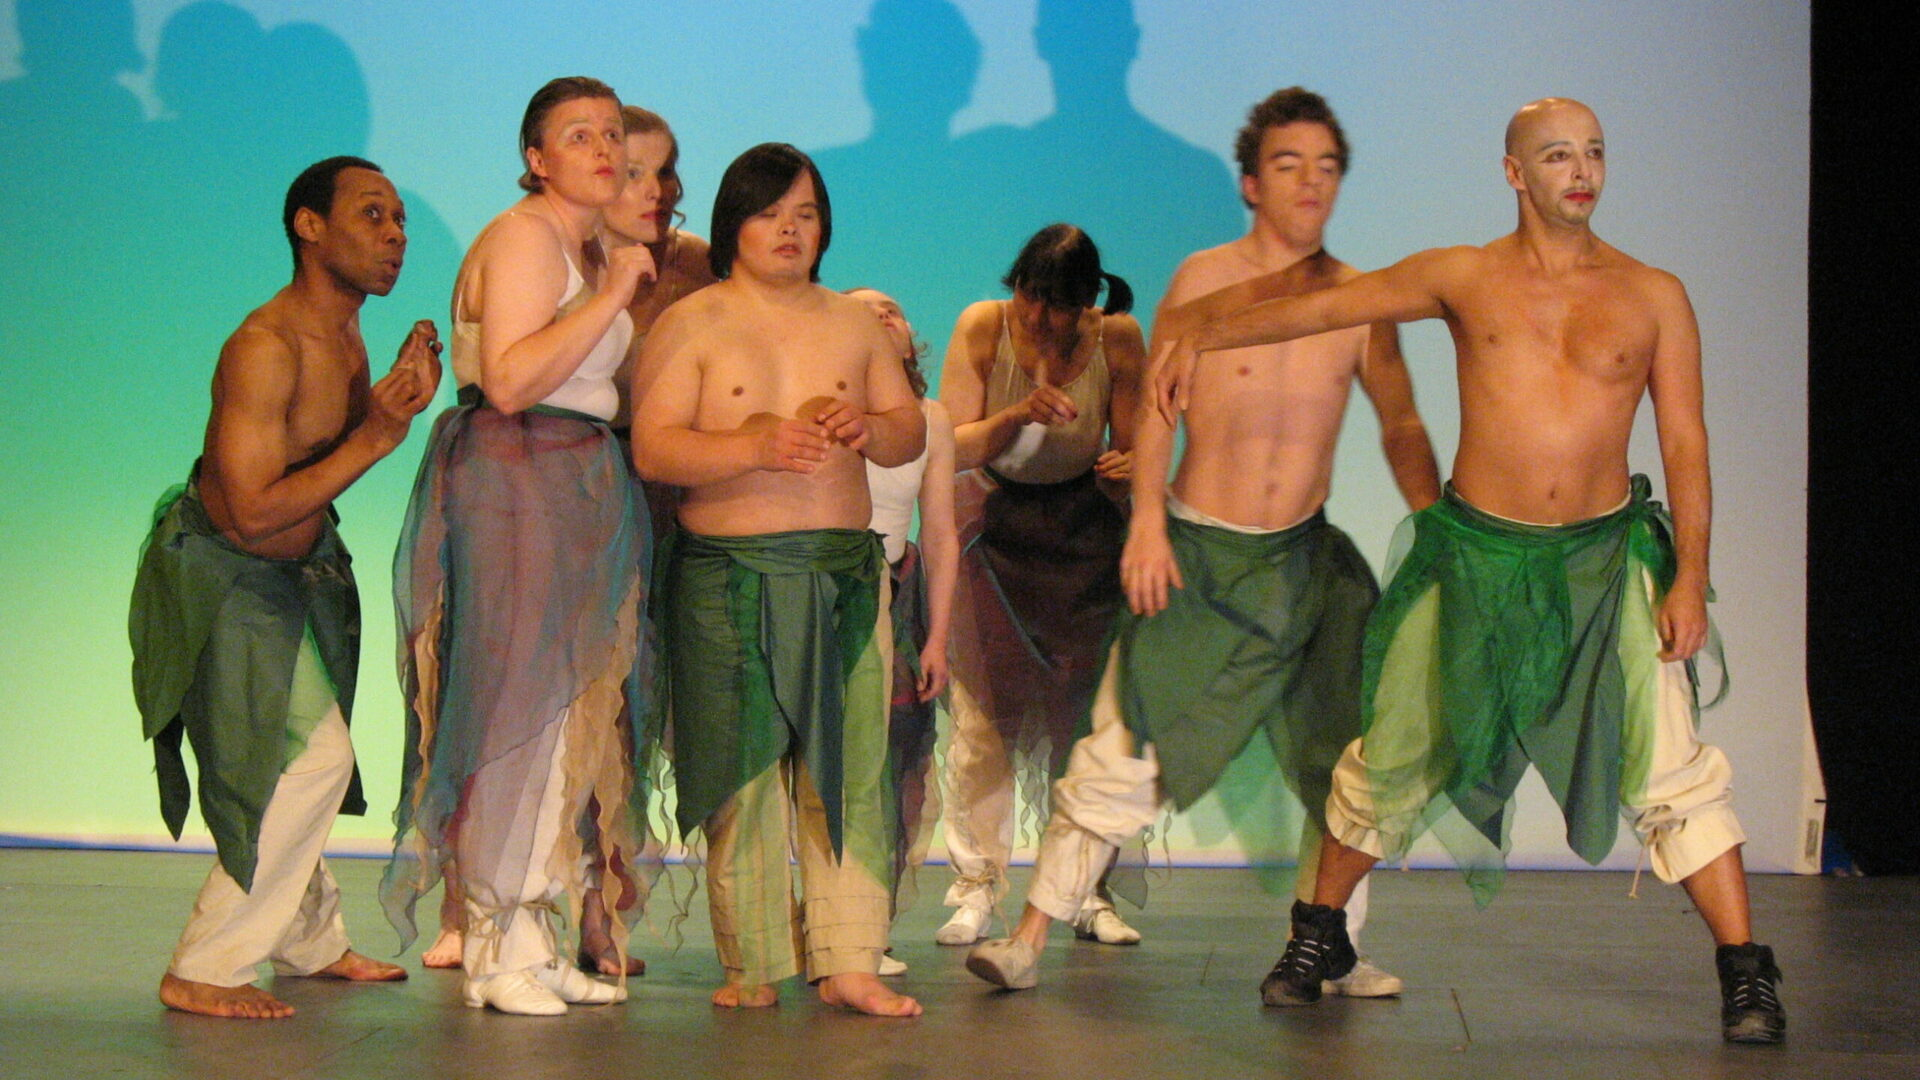 Szenenfoto einer Auffuehrung: Mehrere Performer:innen auf einer Buehne